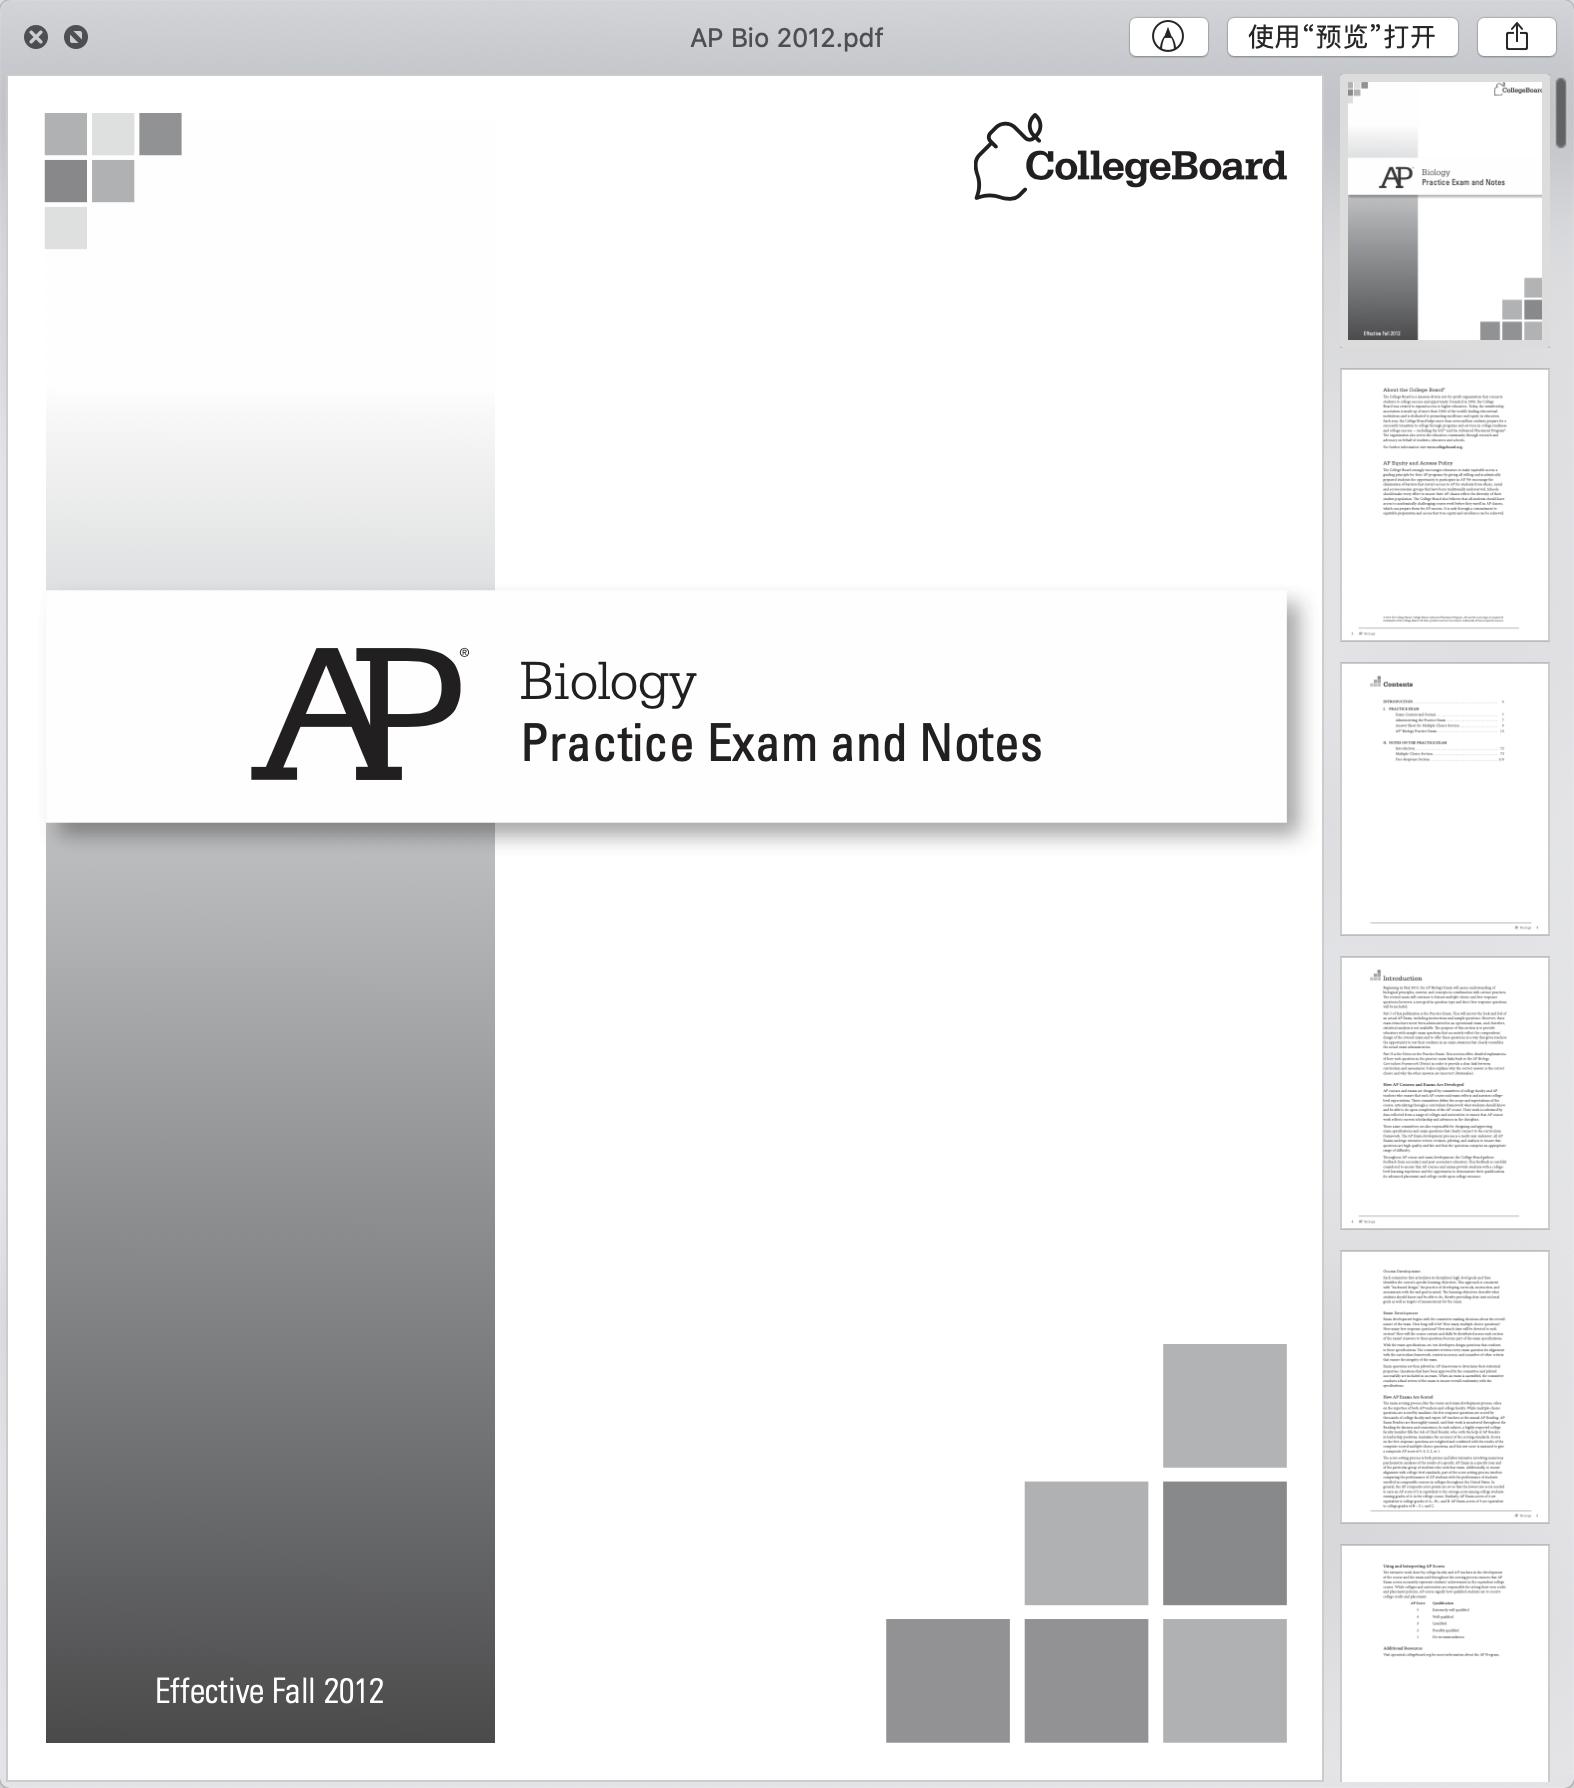 2012年AP生物真题PDF下载-选择题下载